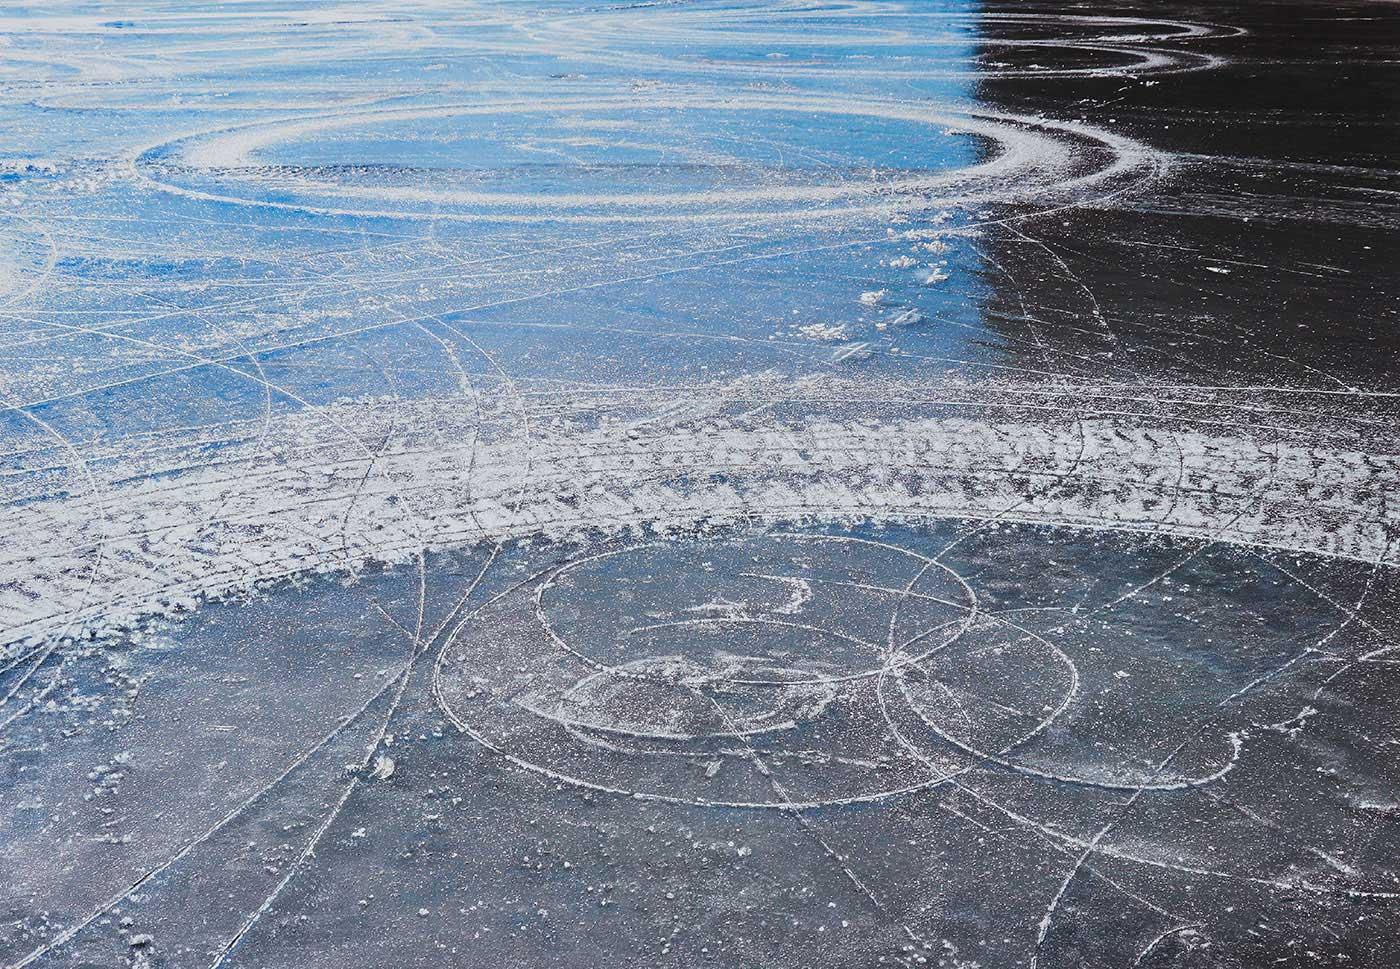 Laura J. Millard - Ice Circles I